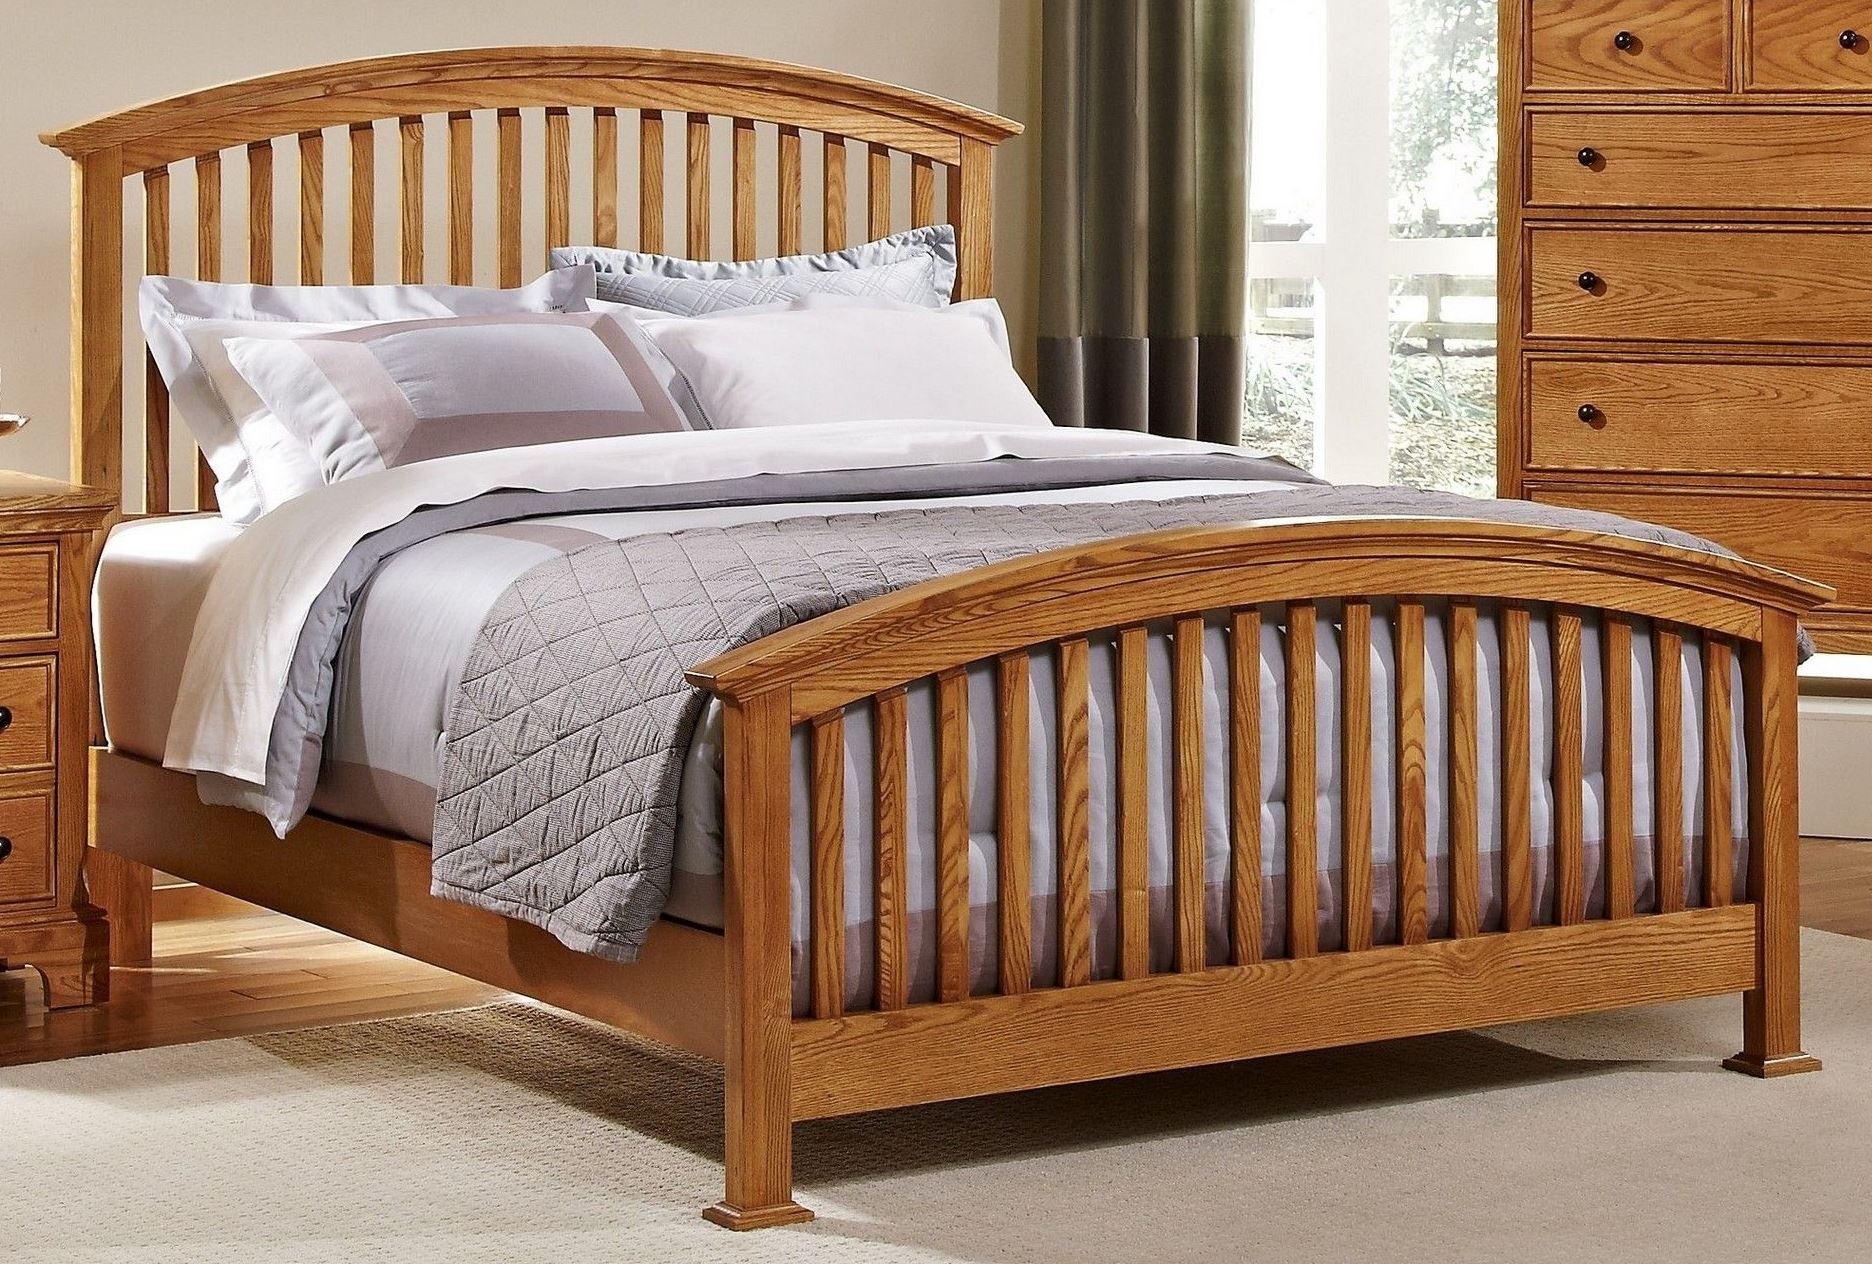 Forsyth Medium Oak Arched Bedroom Set from Vaughan Bassett BB75 559 955 922